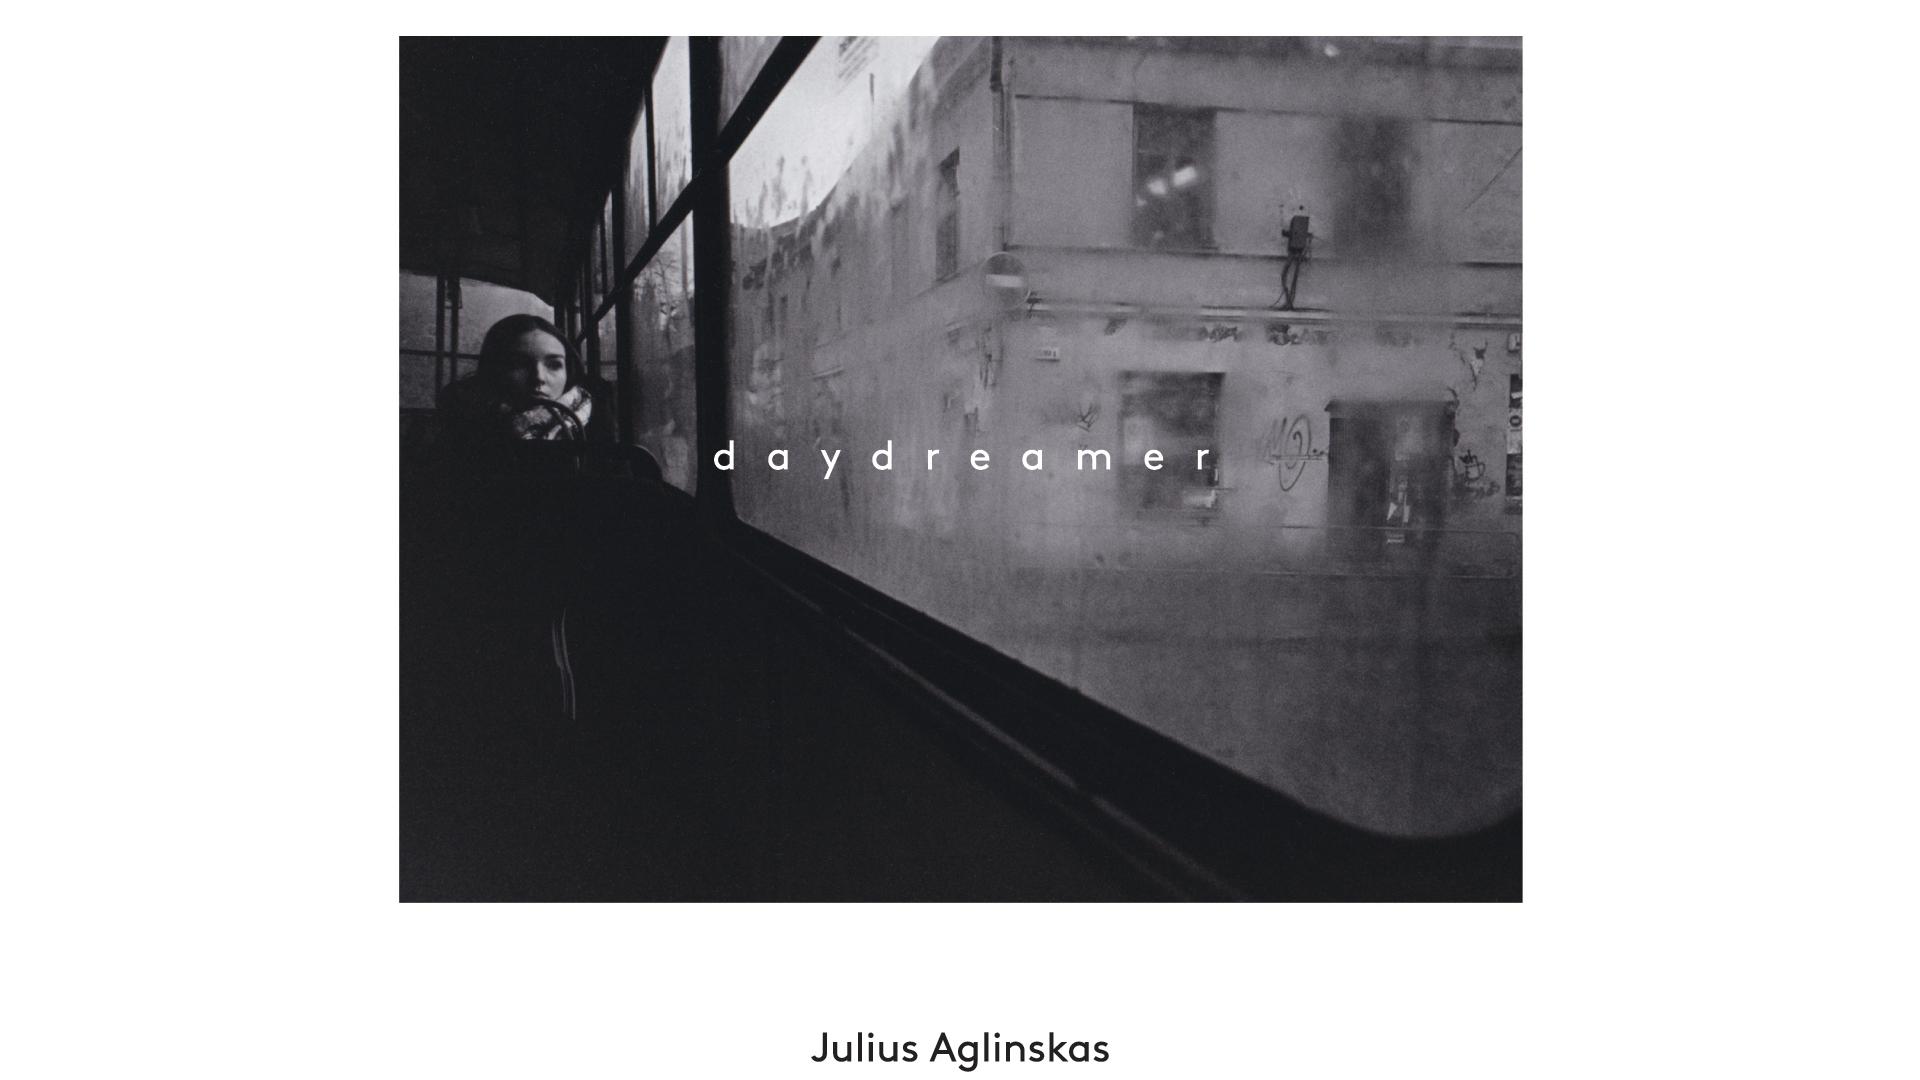 """LMIC grojaraštis #2: Daydreamer  Britų eksperimentinės muzikos ansamblis """"Apartment House"""" Londone įrašė debiutinį kompozitoriaus Juliaus Aglinsko albumą pavadinimu """"Daydreamer"""". Projektą inicijavo britų muzikantas ir lietuvių kilmės menininkas Antonas Lukoszevieze, atidžiai sekantis Juliaus Aglinsko kūrybą."""